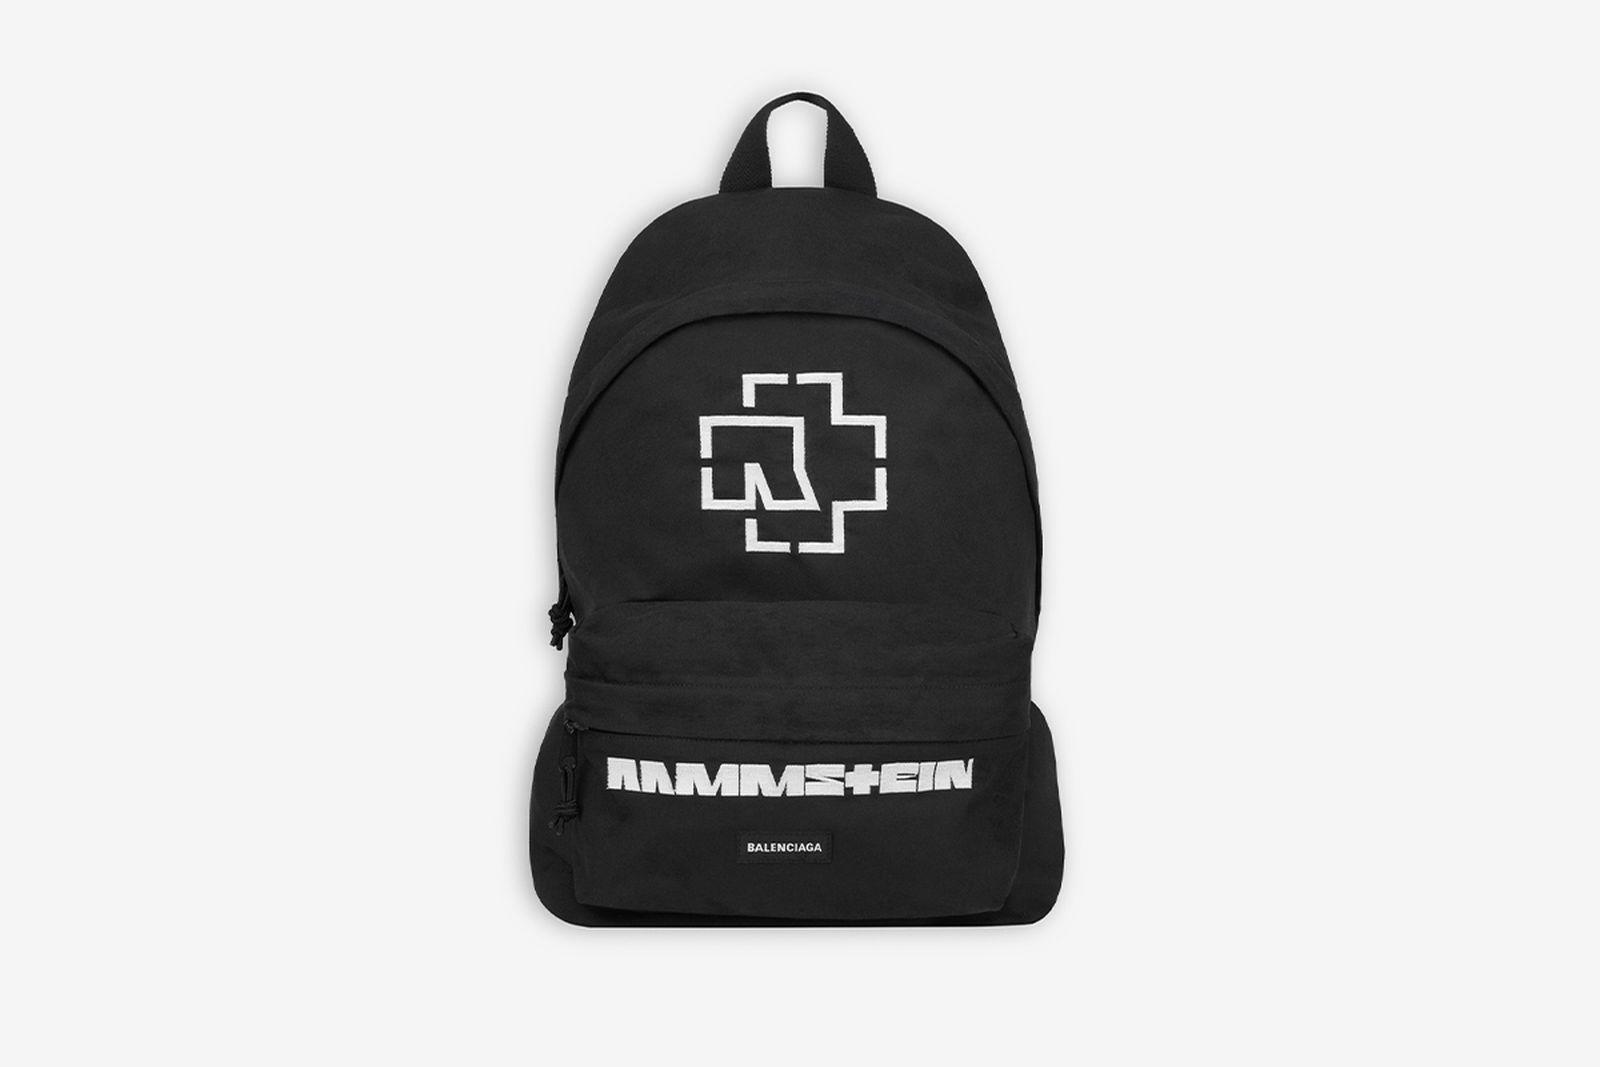 balenciagas-rammstein-capsule-collection-06